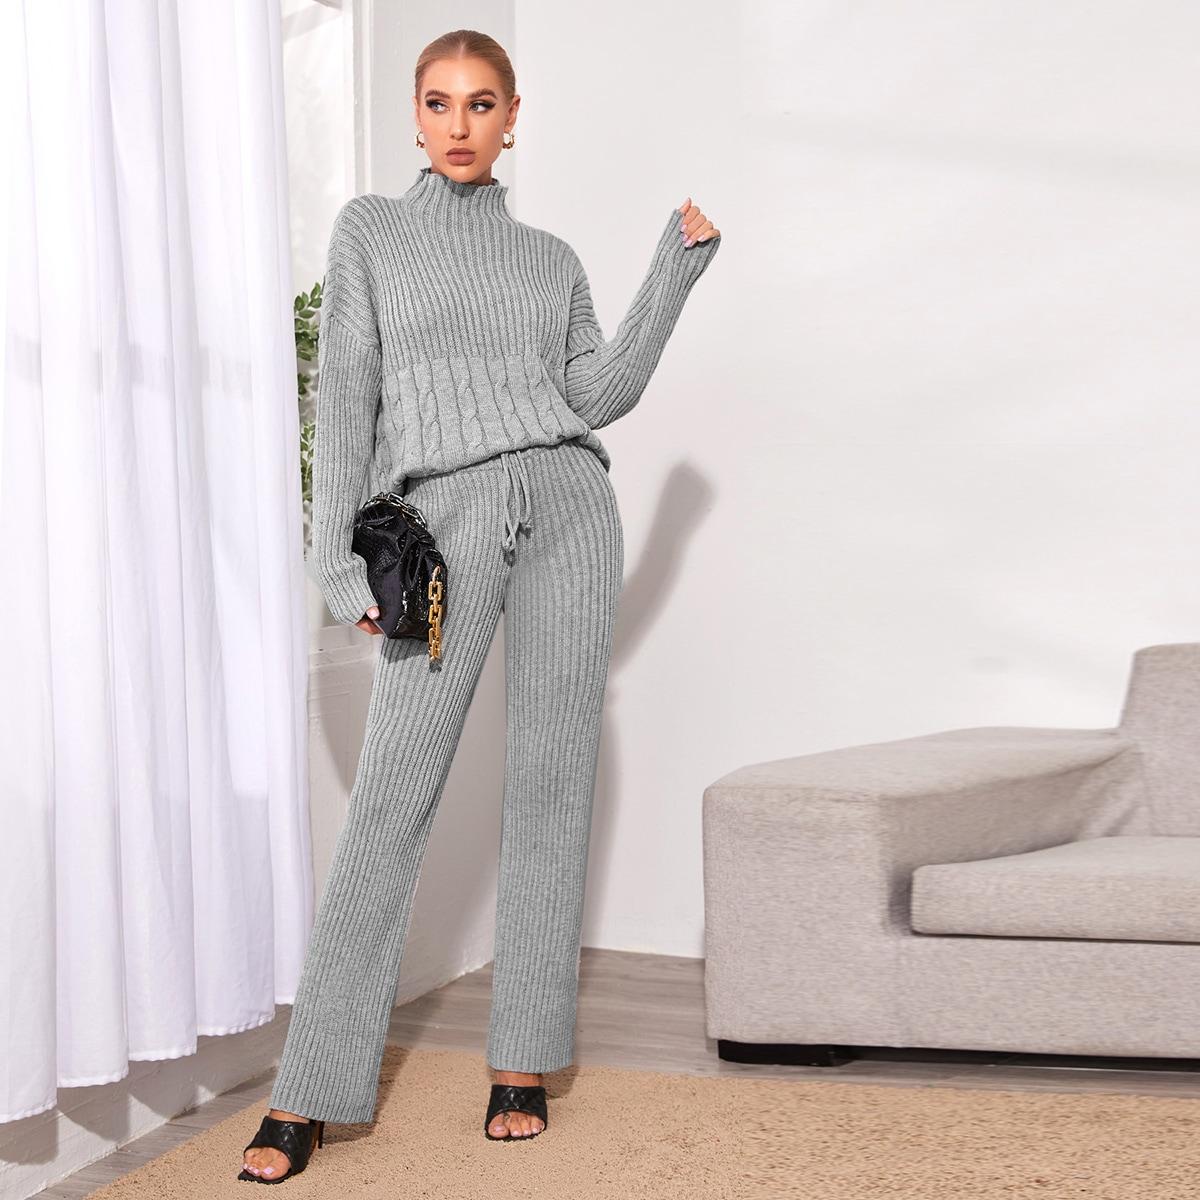 Трикотажные брюки и свитер с высоким воротником